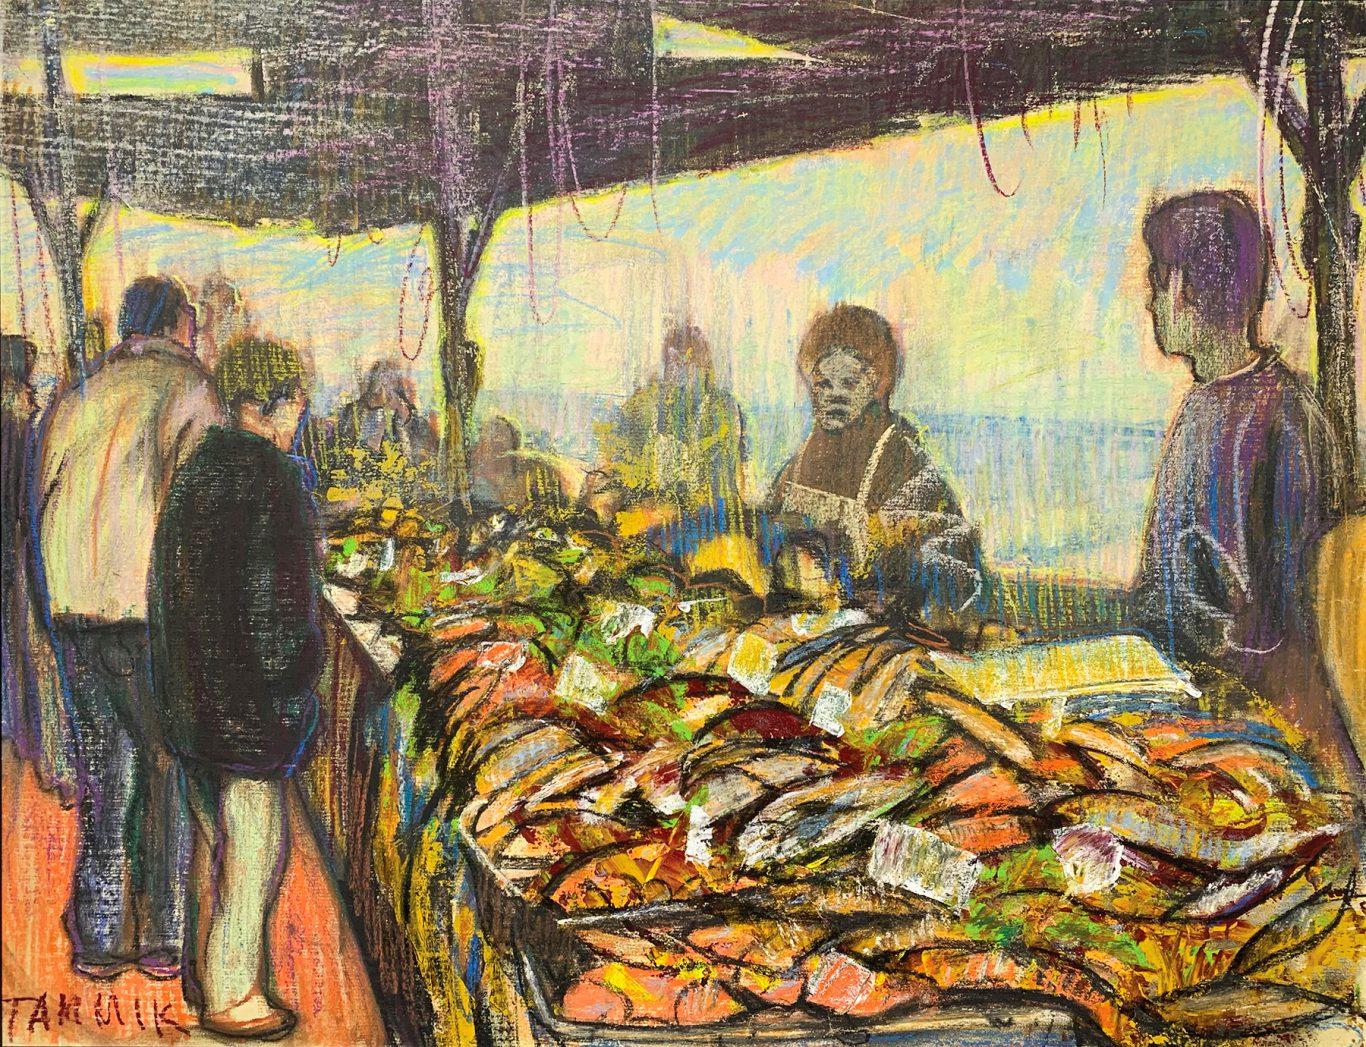 Rein Tammik Fish market 1991